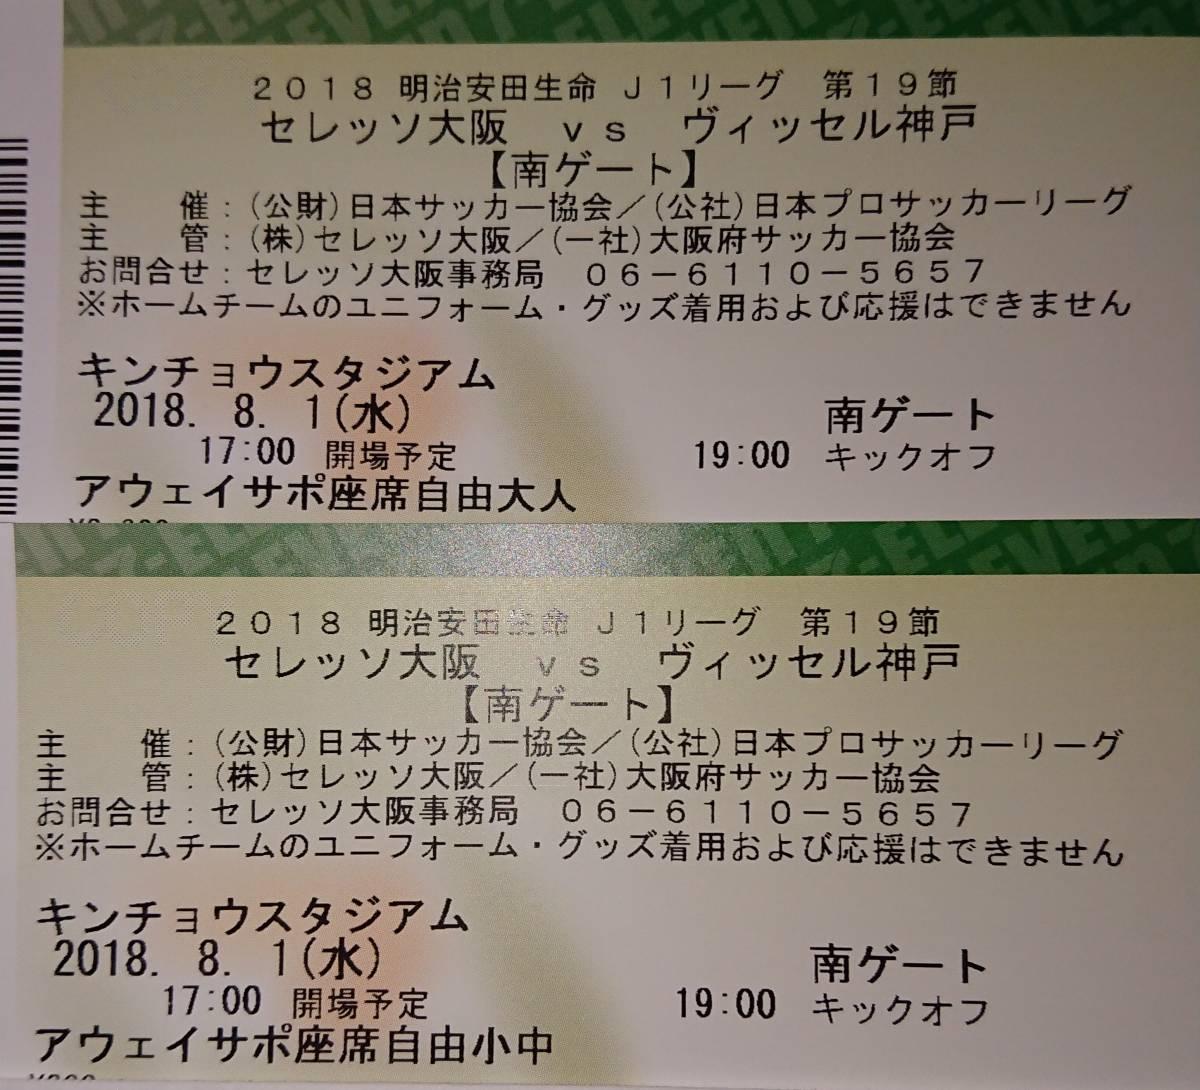 ◆8/1(水)19時~セレッソ大阪×ヴィッセル神戸 ▲アウェイサポ自由席大人1枚と小中1枚 キンチョウスタジアム